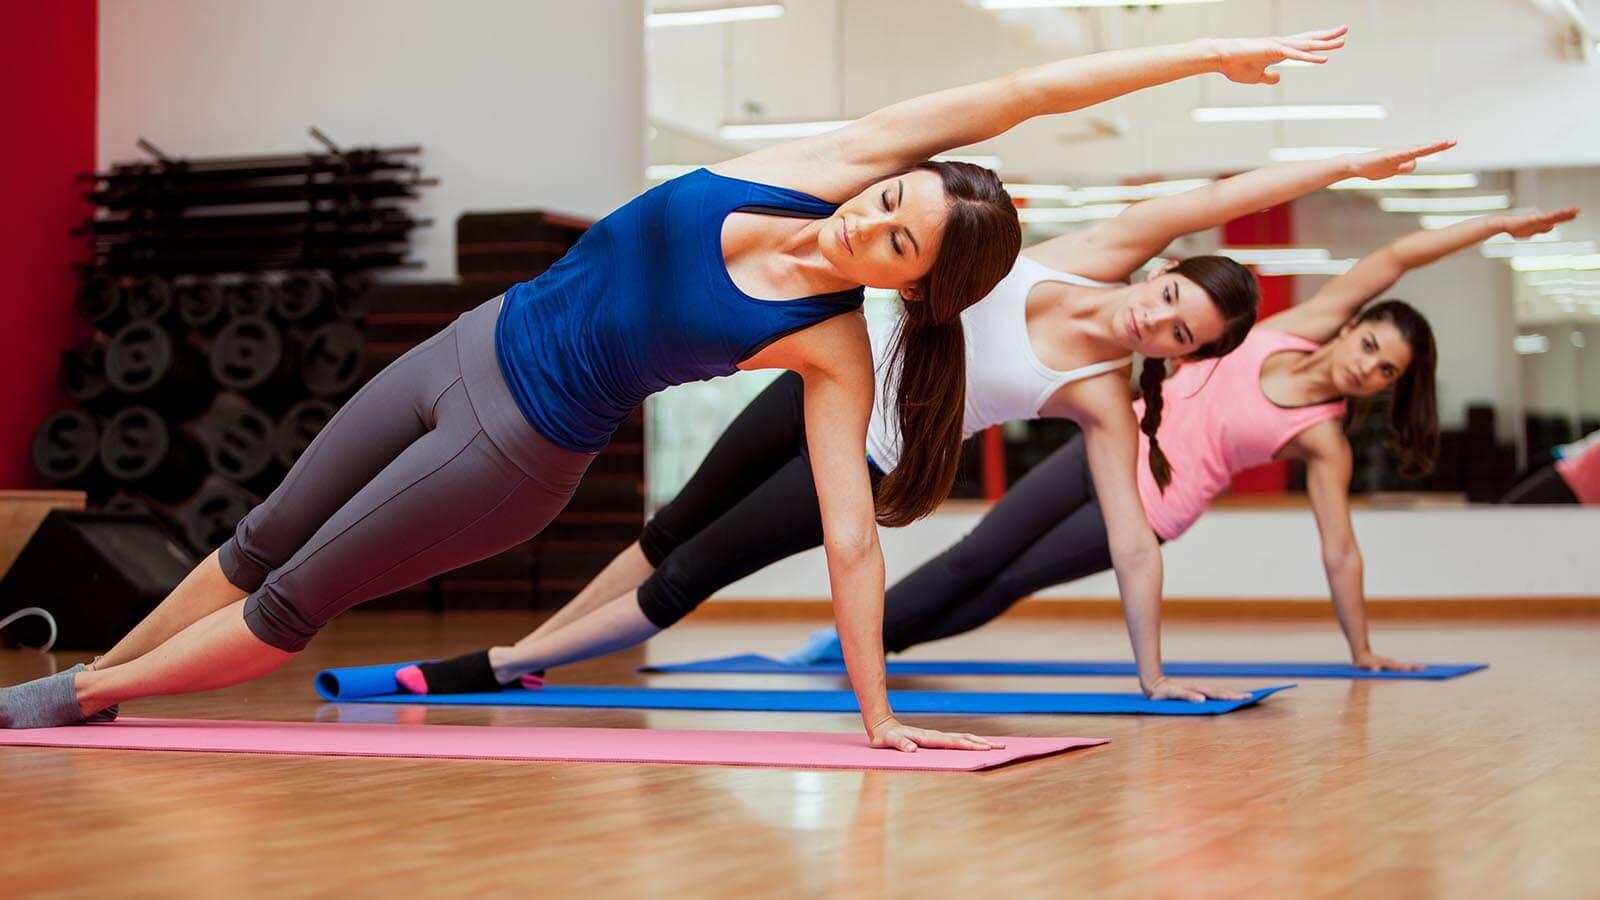 Thể thao giúp hỗ trợ hệ tim mạch